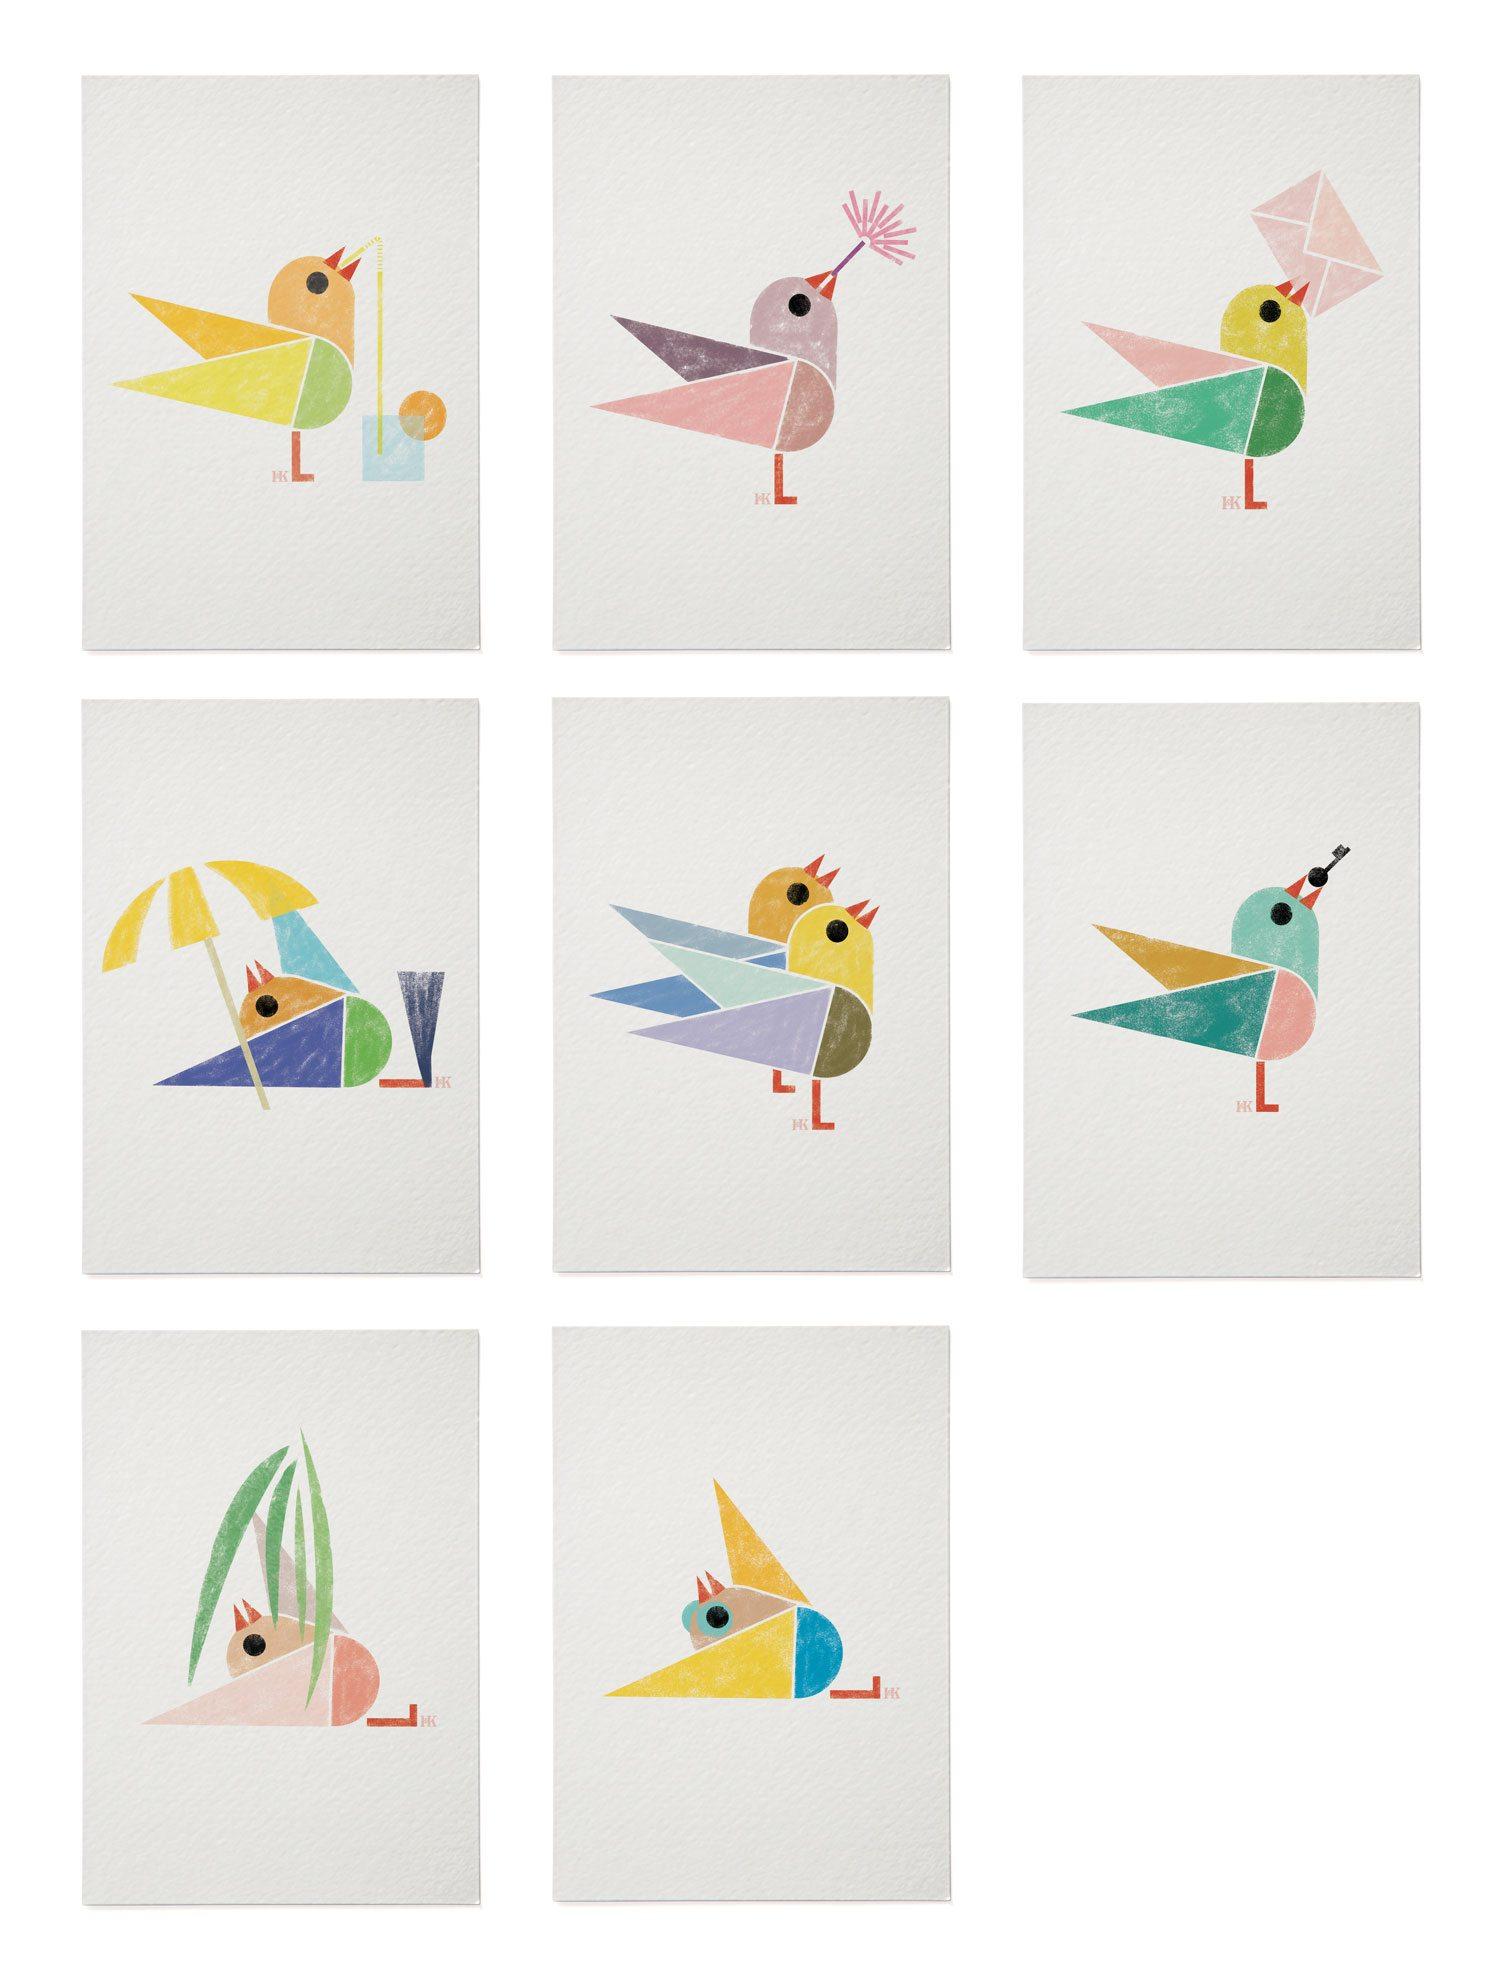 Cartes postales Birdy, des cartes avec des oiseaux, a envoyer a des amis, design et illustration IchetKar